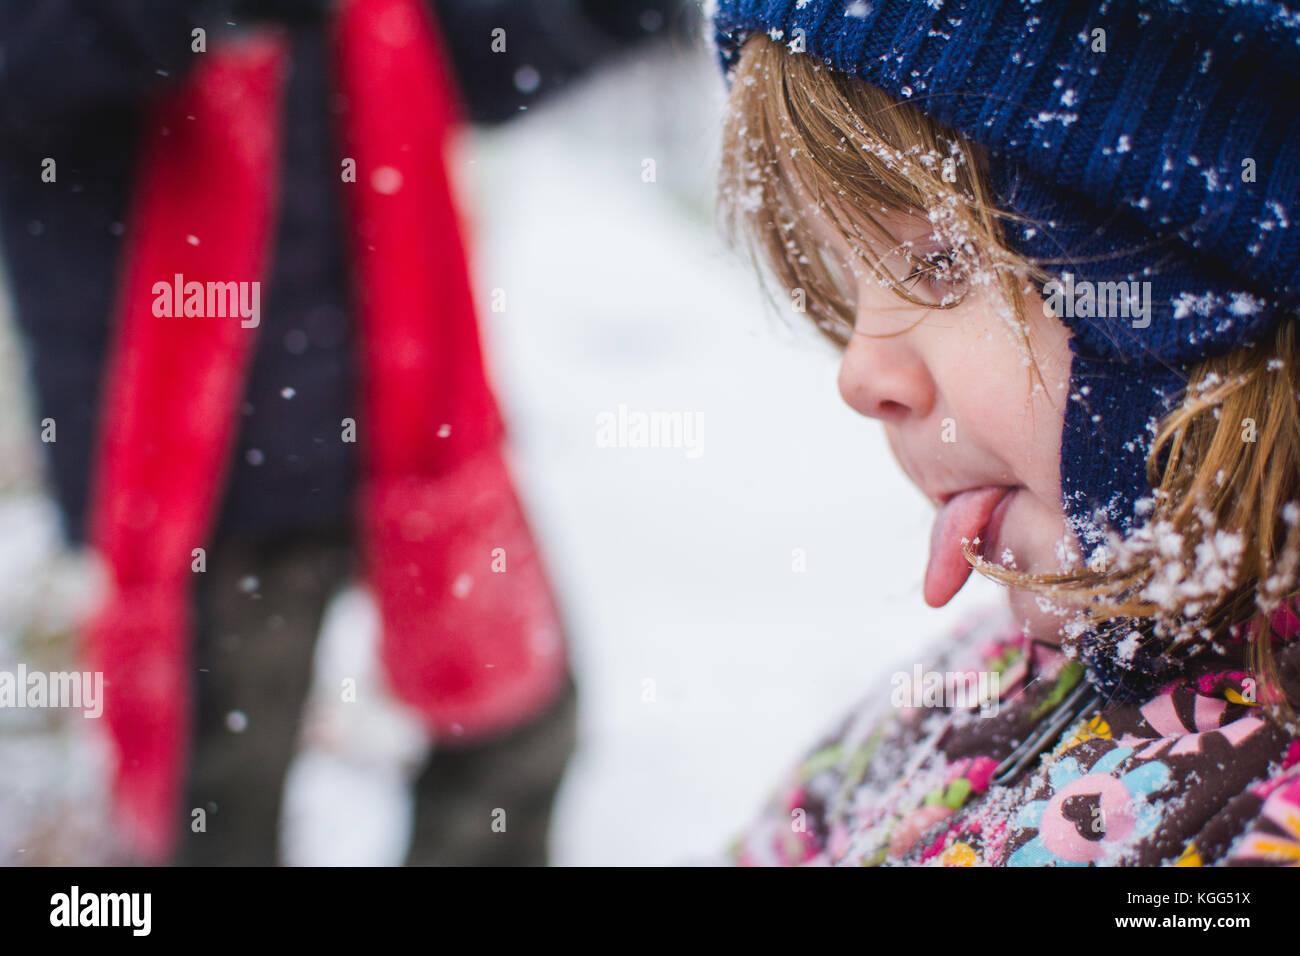 Un enfant se tient à l'extérieur portant des vêtements d'hiver avec de la neige autour d'elle. Photo Stock